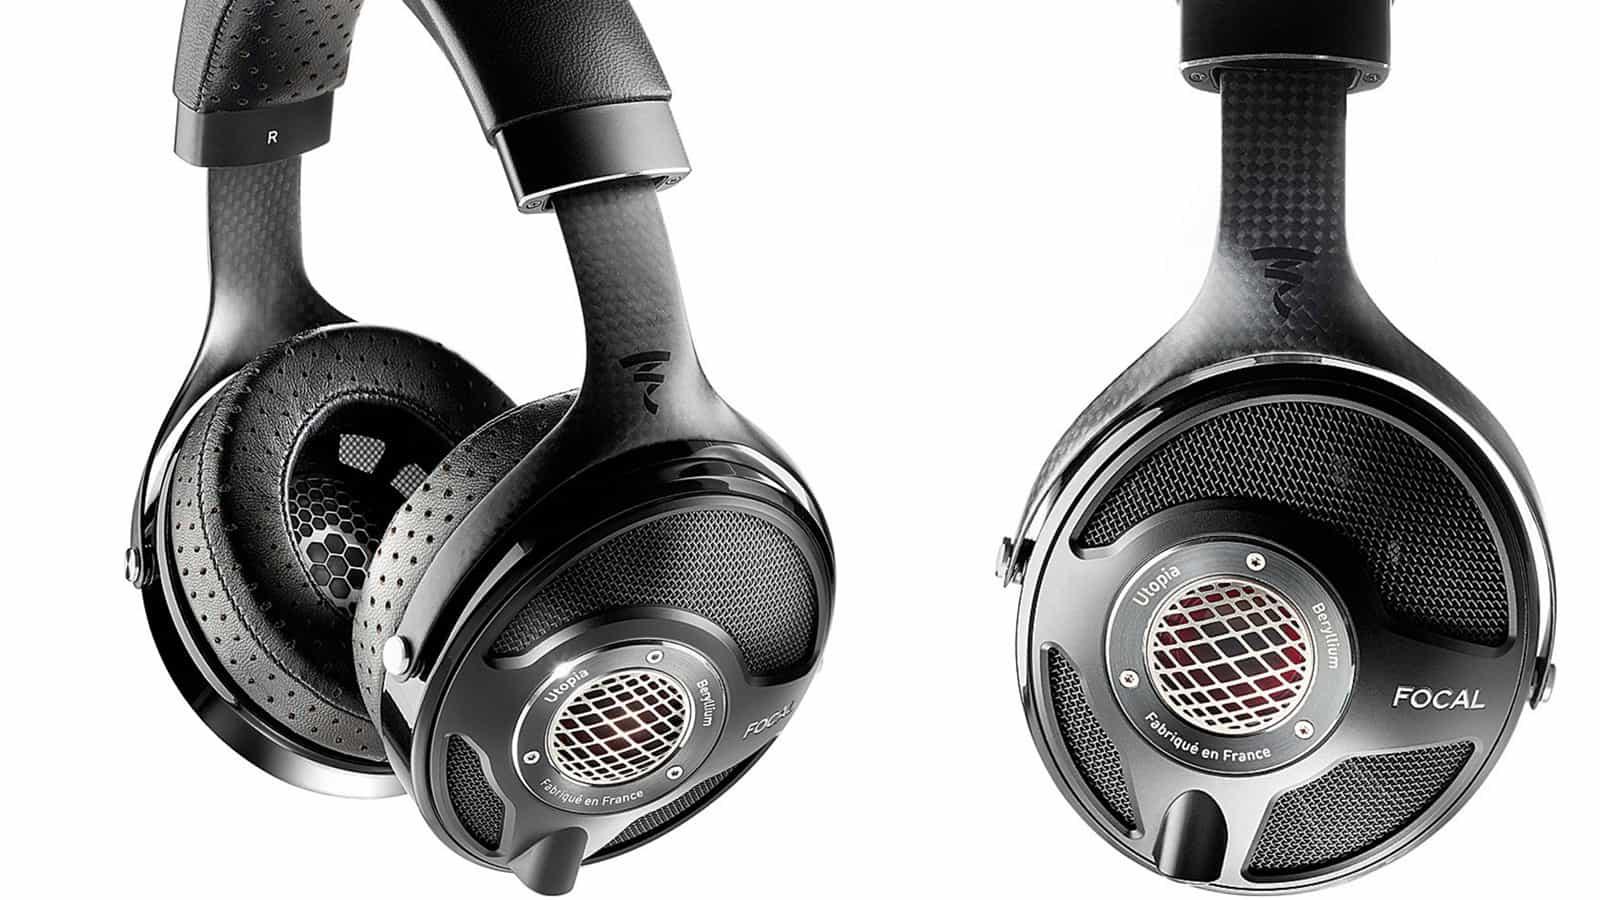 focal-utopia-headphones